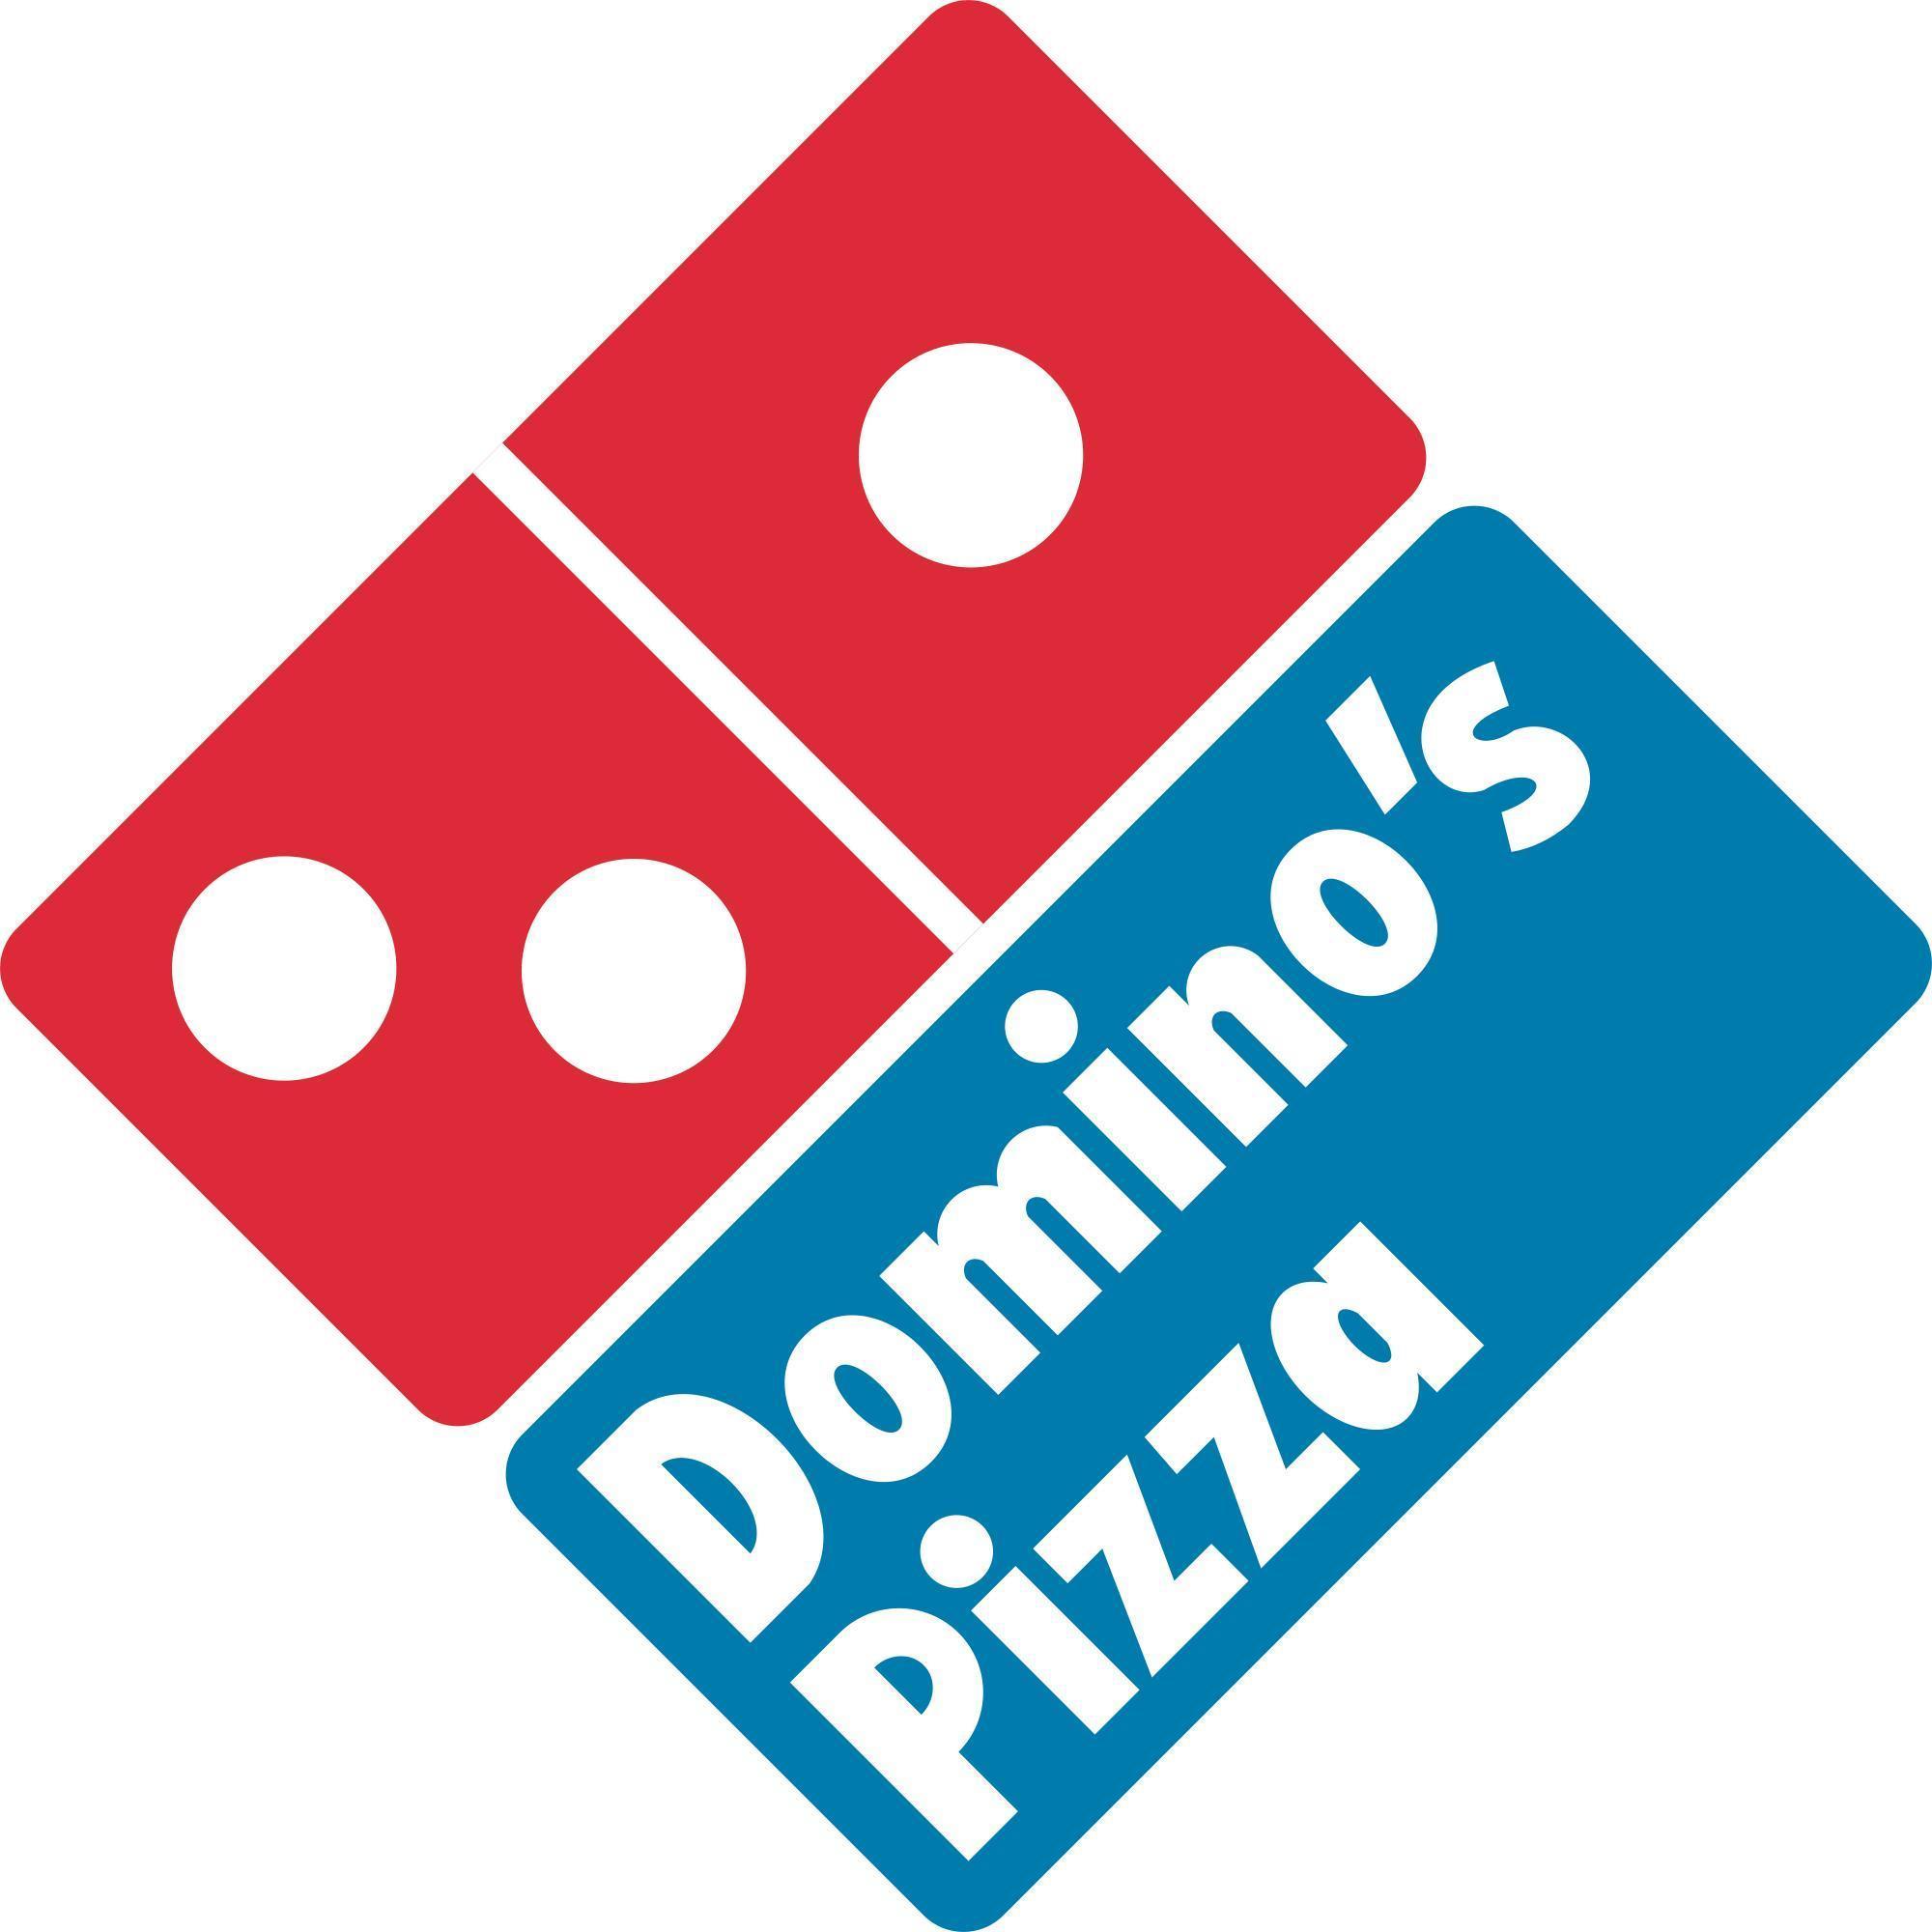 Du lundi au jeudi : 1 Pizza achetée en livraison = 1 Pizza offerte